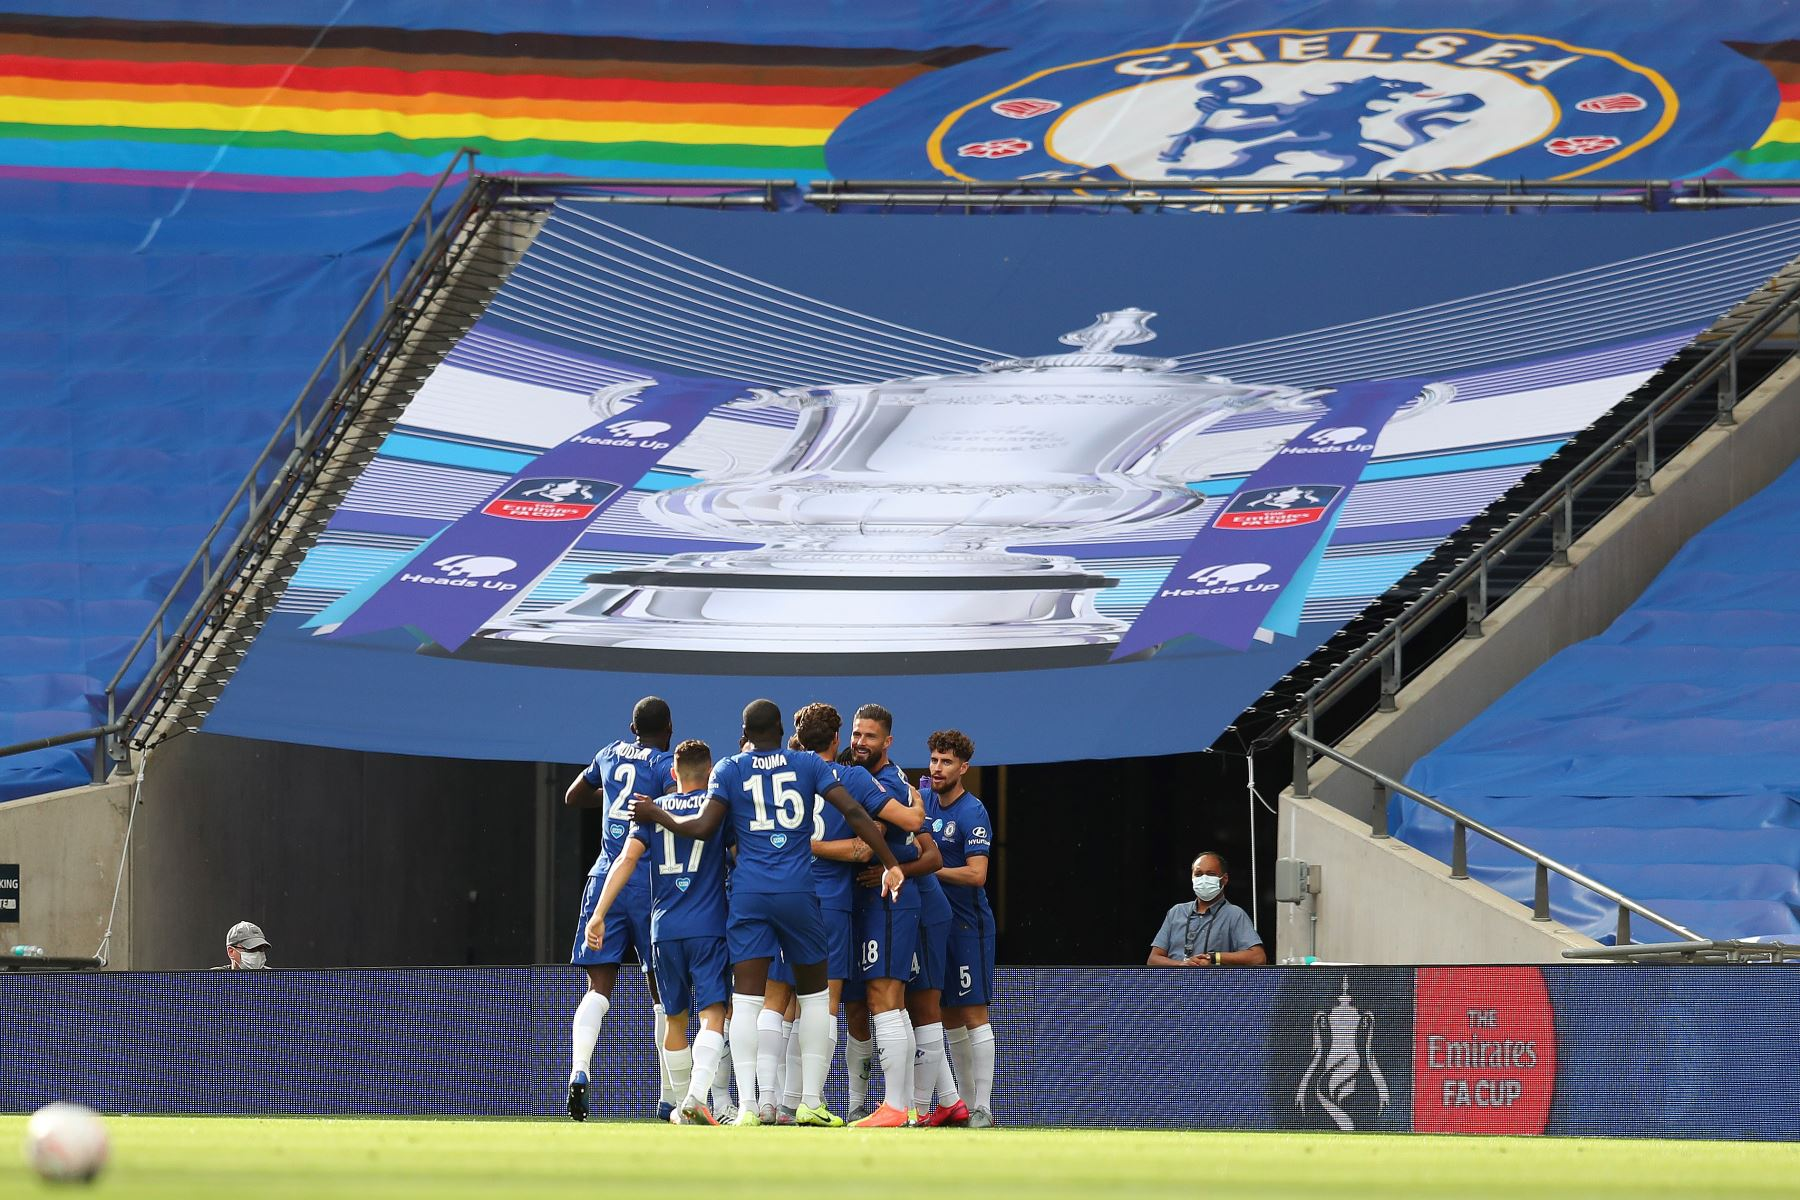 El centrocampista estadounidense del Chelsea, Christian Pulisic, celebra el gol de apertura con sus compañeros de equipo durante la final de la Copa de Inglaterra de fútbol entre el Arsenal y el Chelsea en el estadio de Wembley, en Londres. Foto: AFP